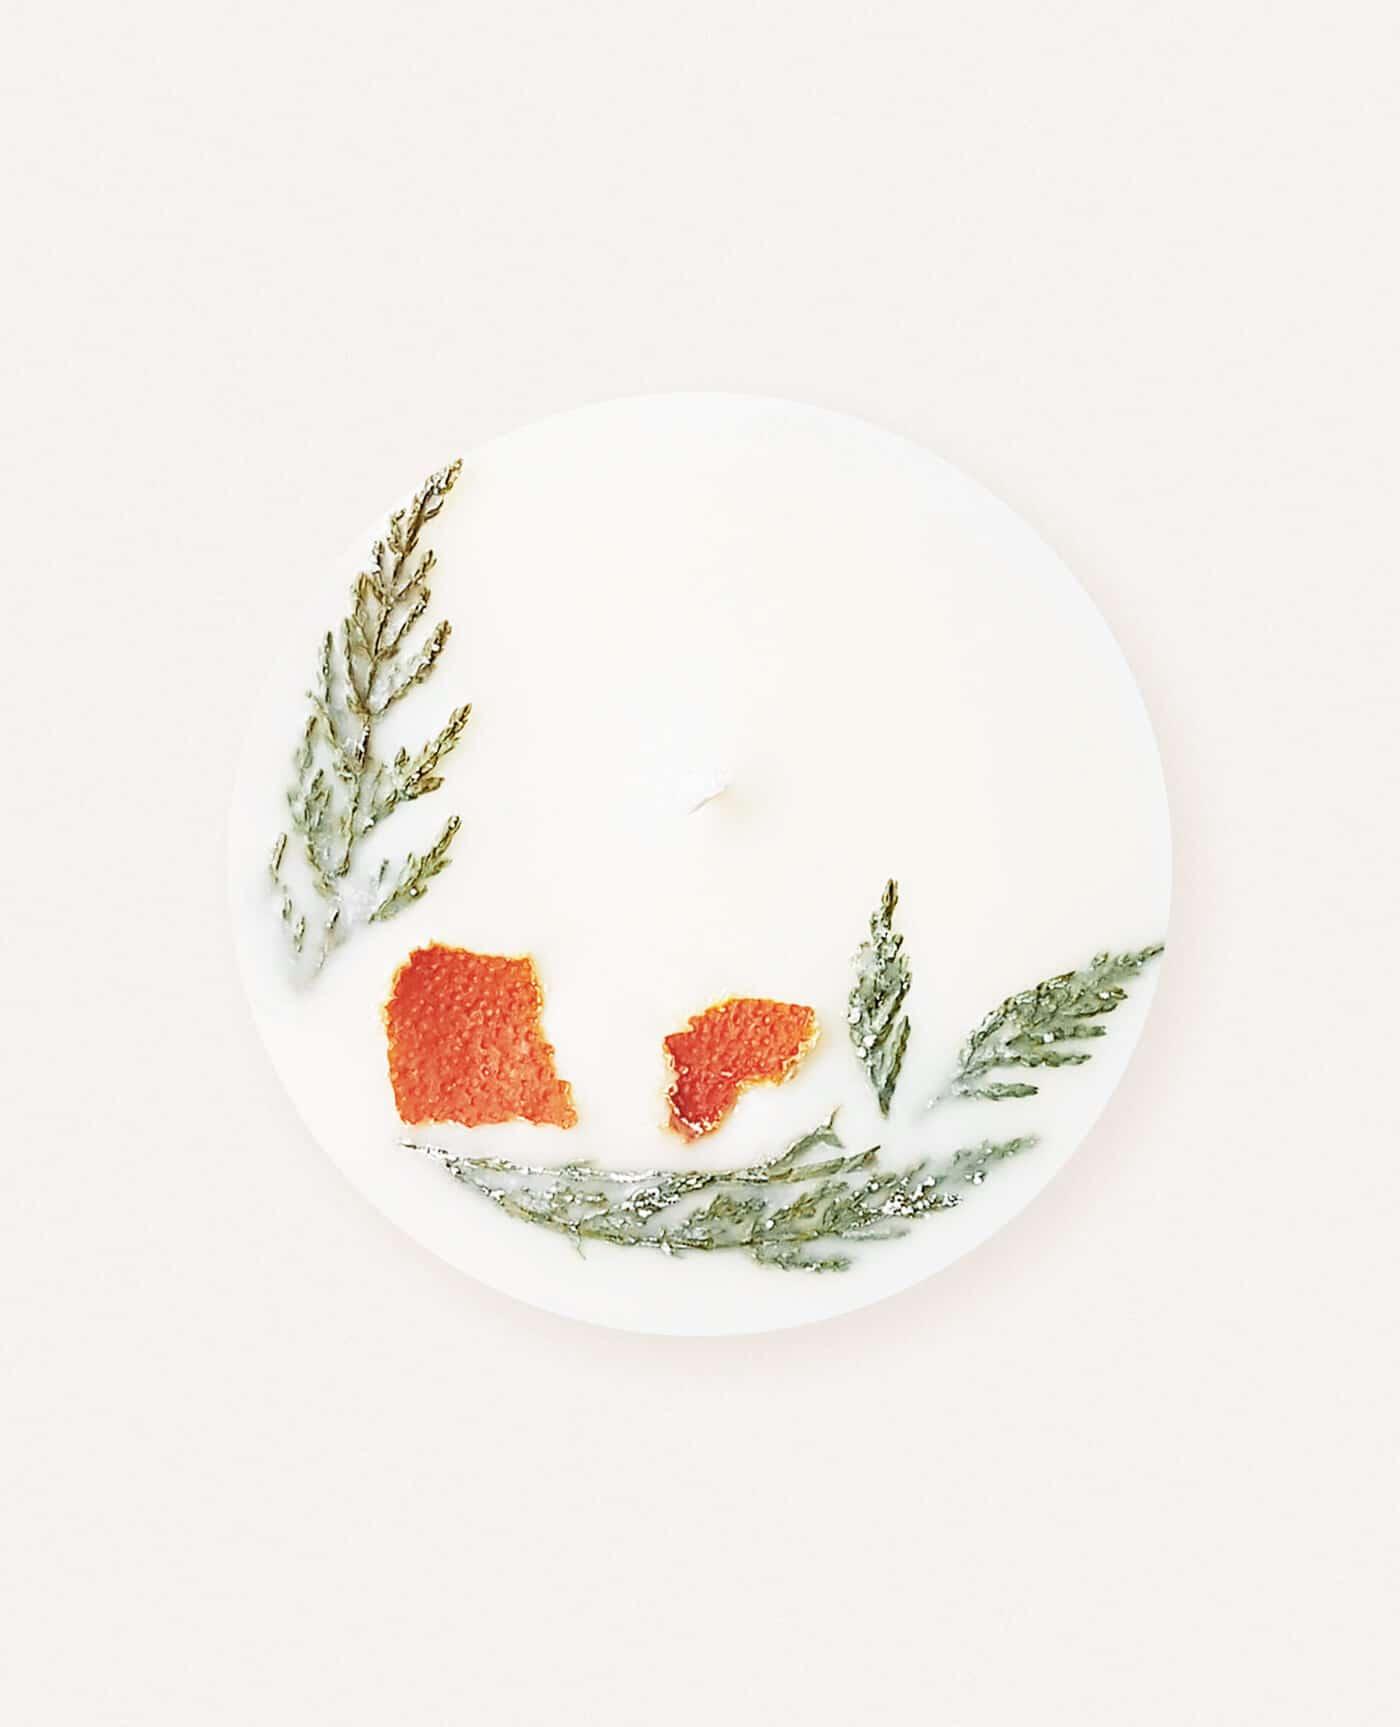 Bougie parfumée fleurie Orange et cyprès aux huiles essentielles bio et vegan de la marque Ponoie made in France